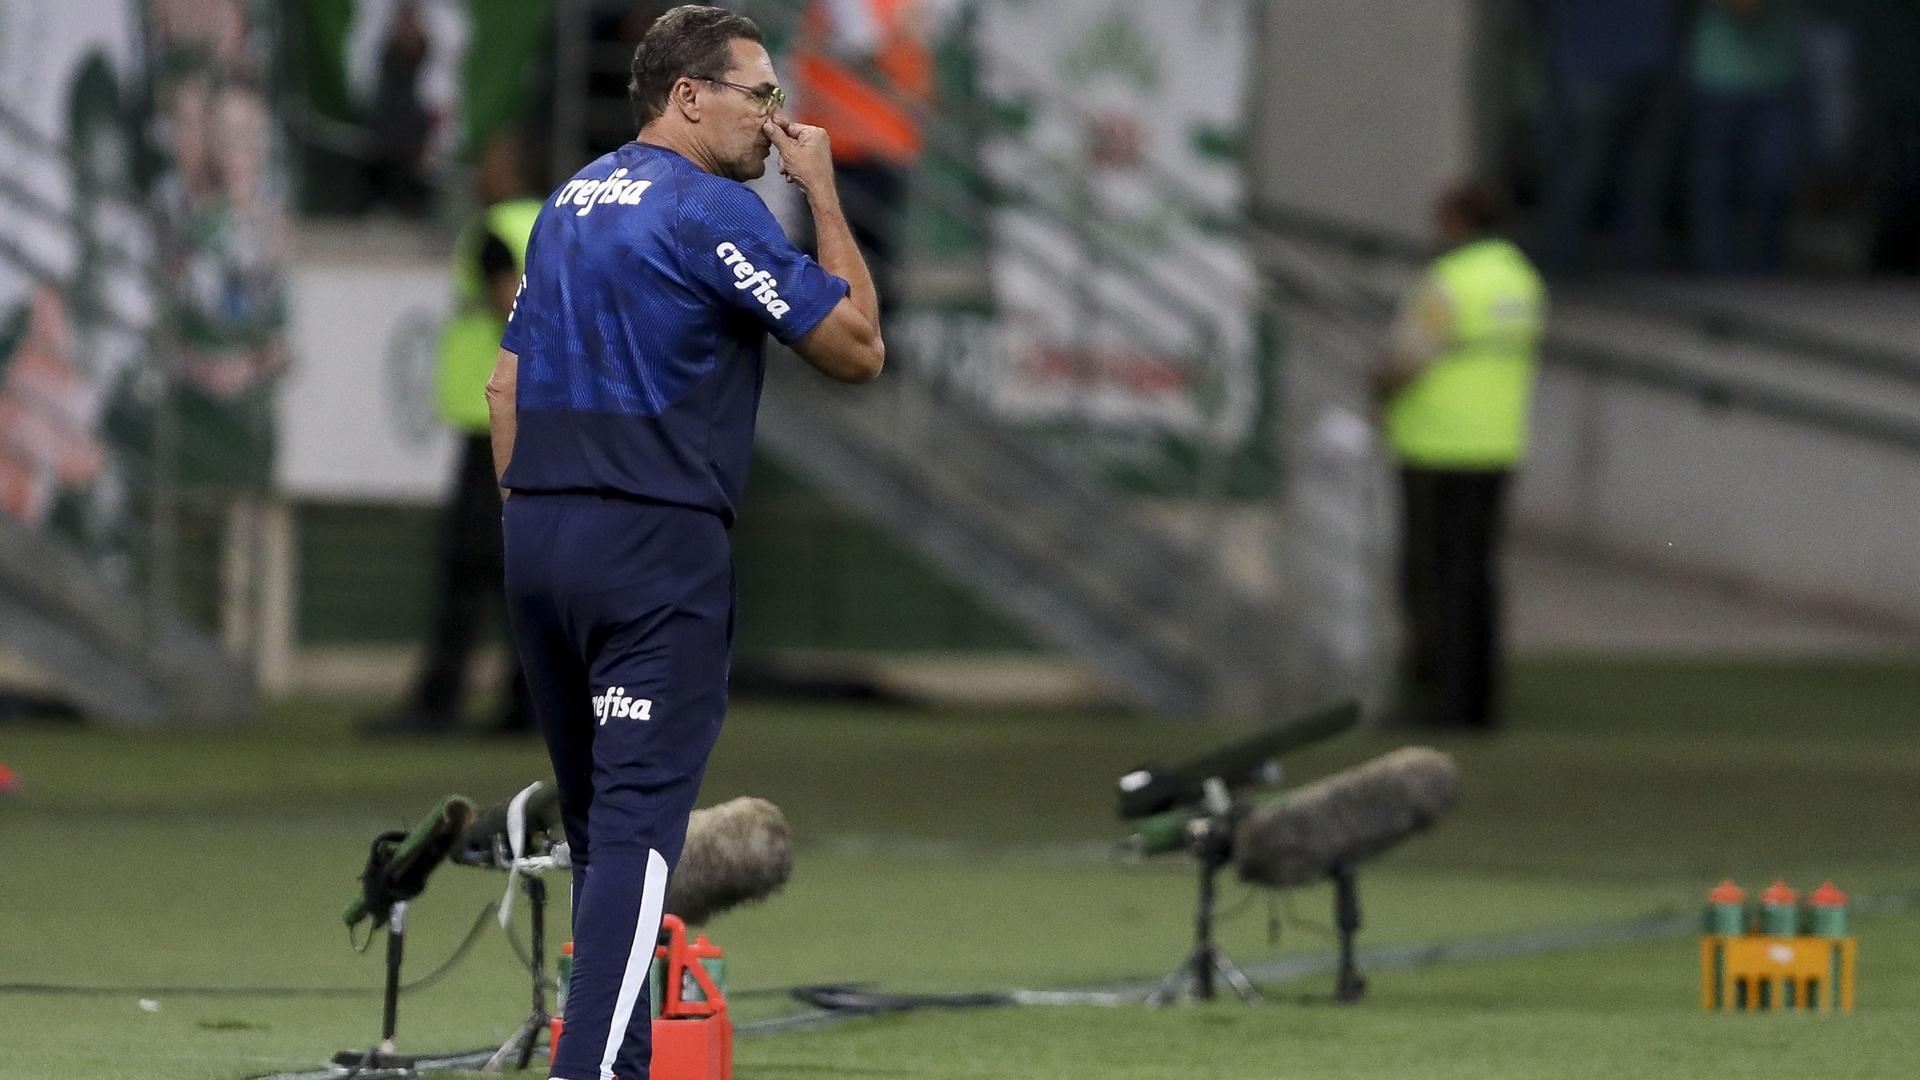 المدرب السابق للبرازيل وريال مدريد يصاب بفيروس كورونا